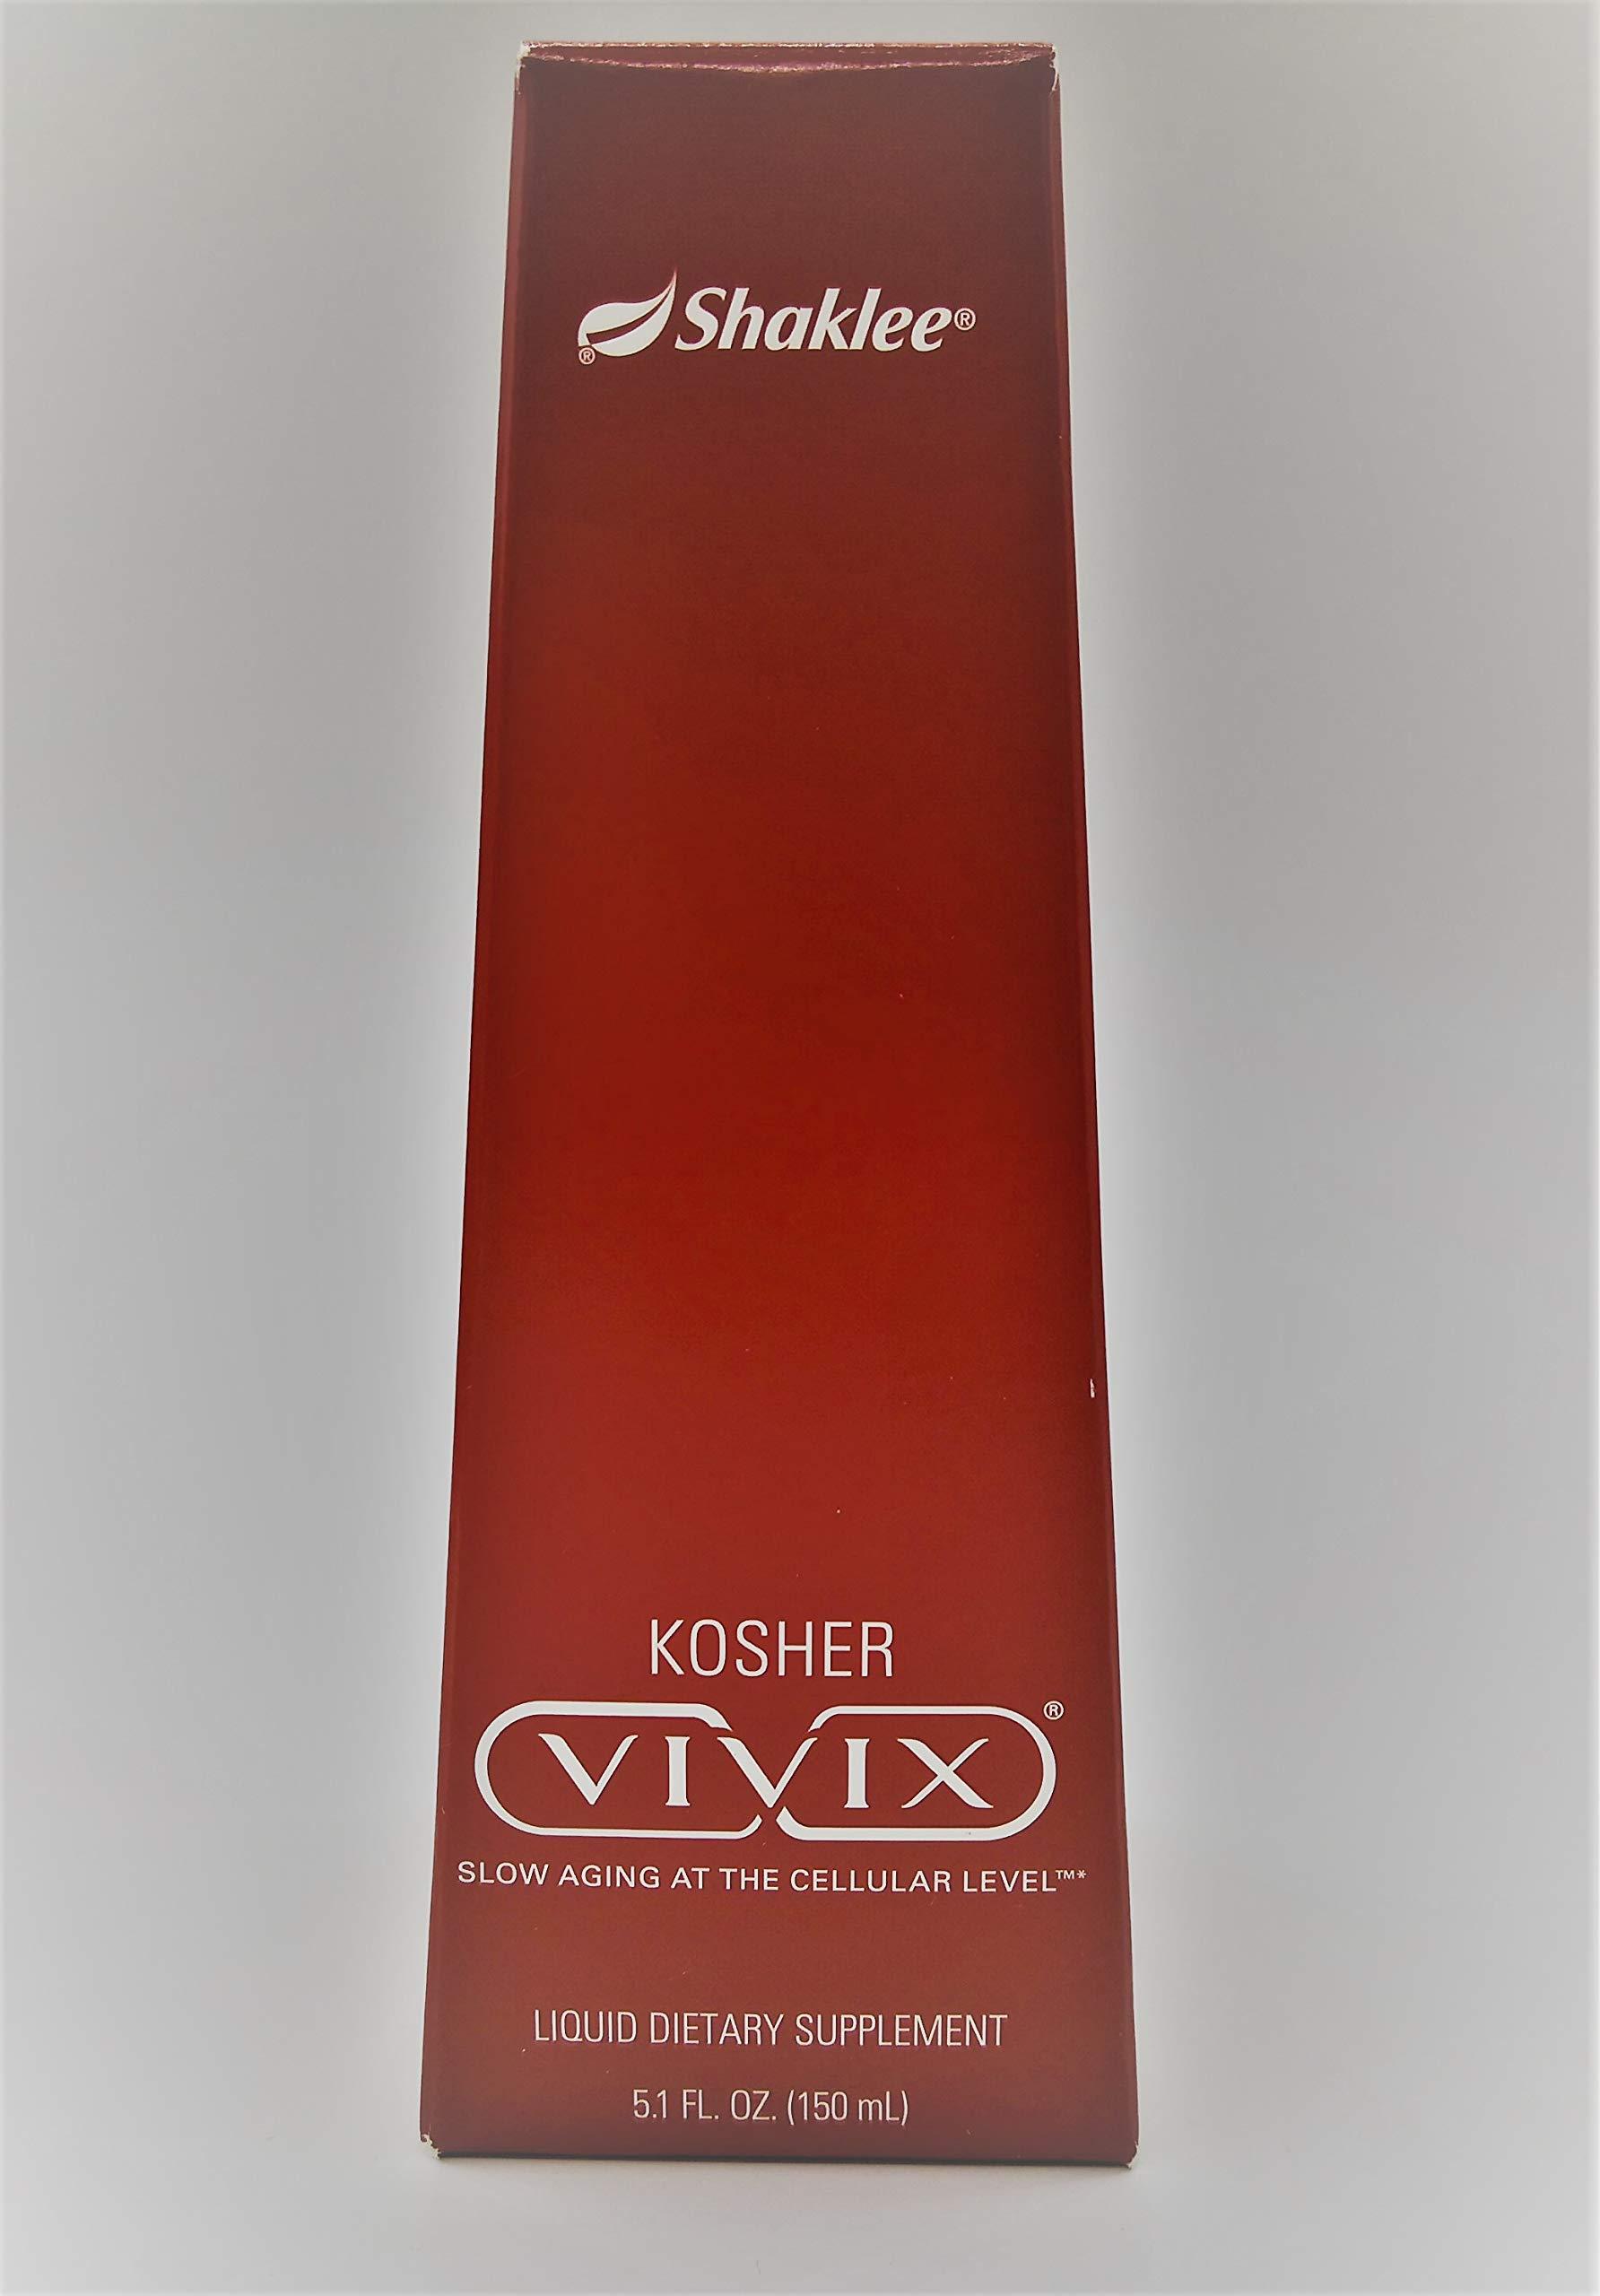 Shaklee Vivix Kosher Liquid Dietary Supplement 5.1 FL. OZ. by Shaklee